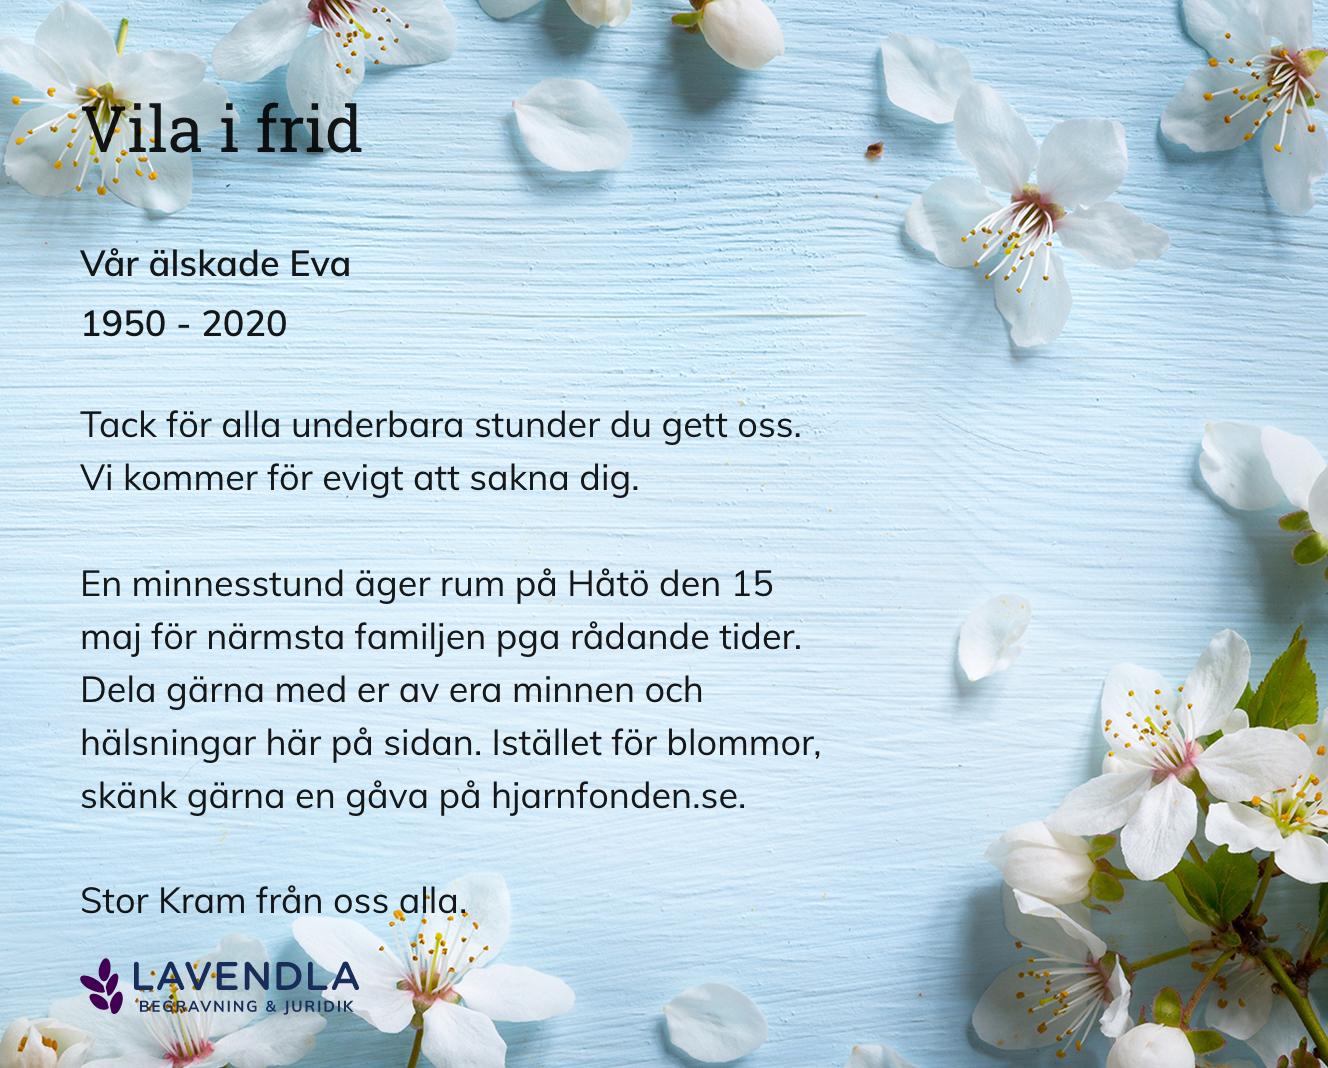 Inbjudningskort till ceremonin för Vår älskade Eva